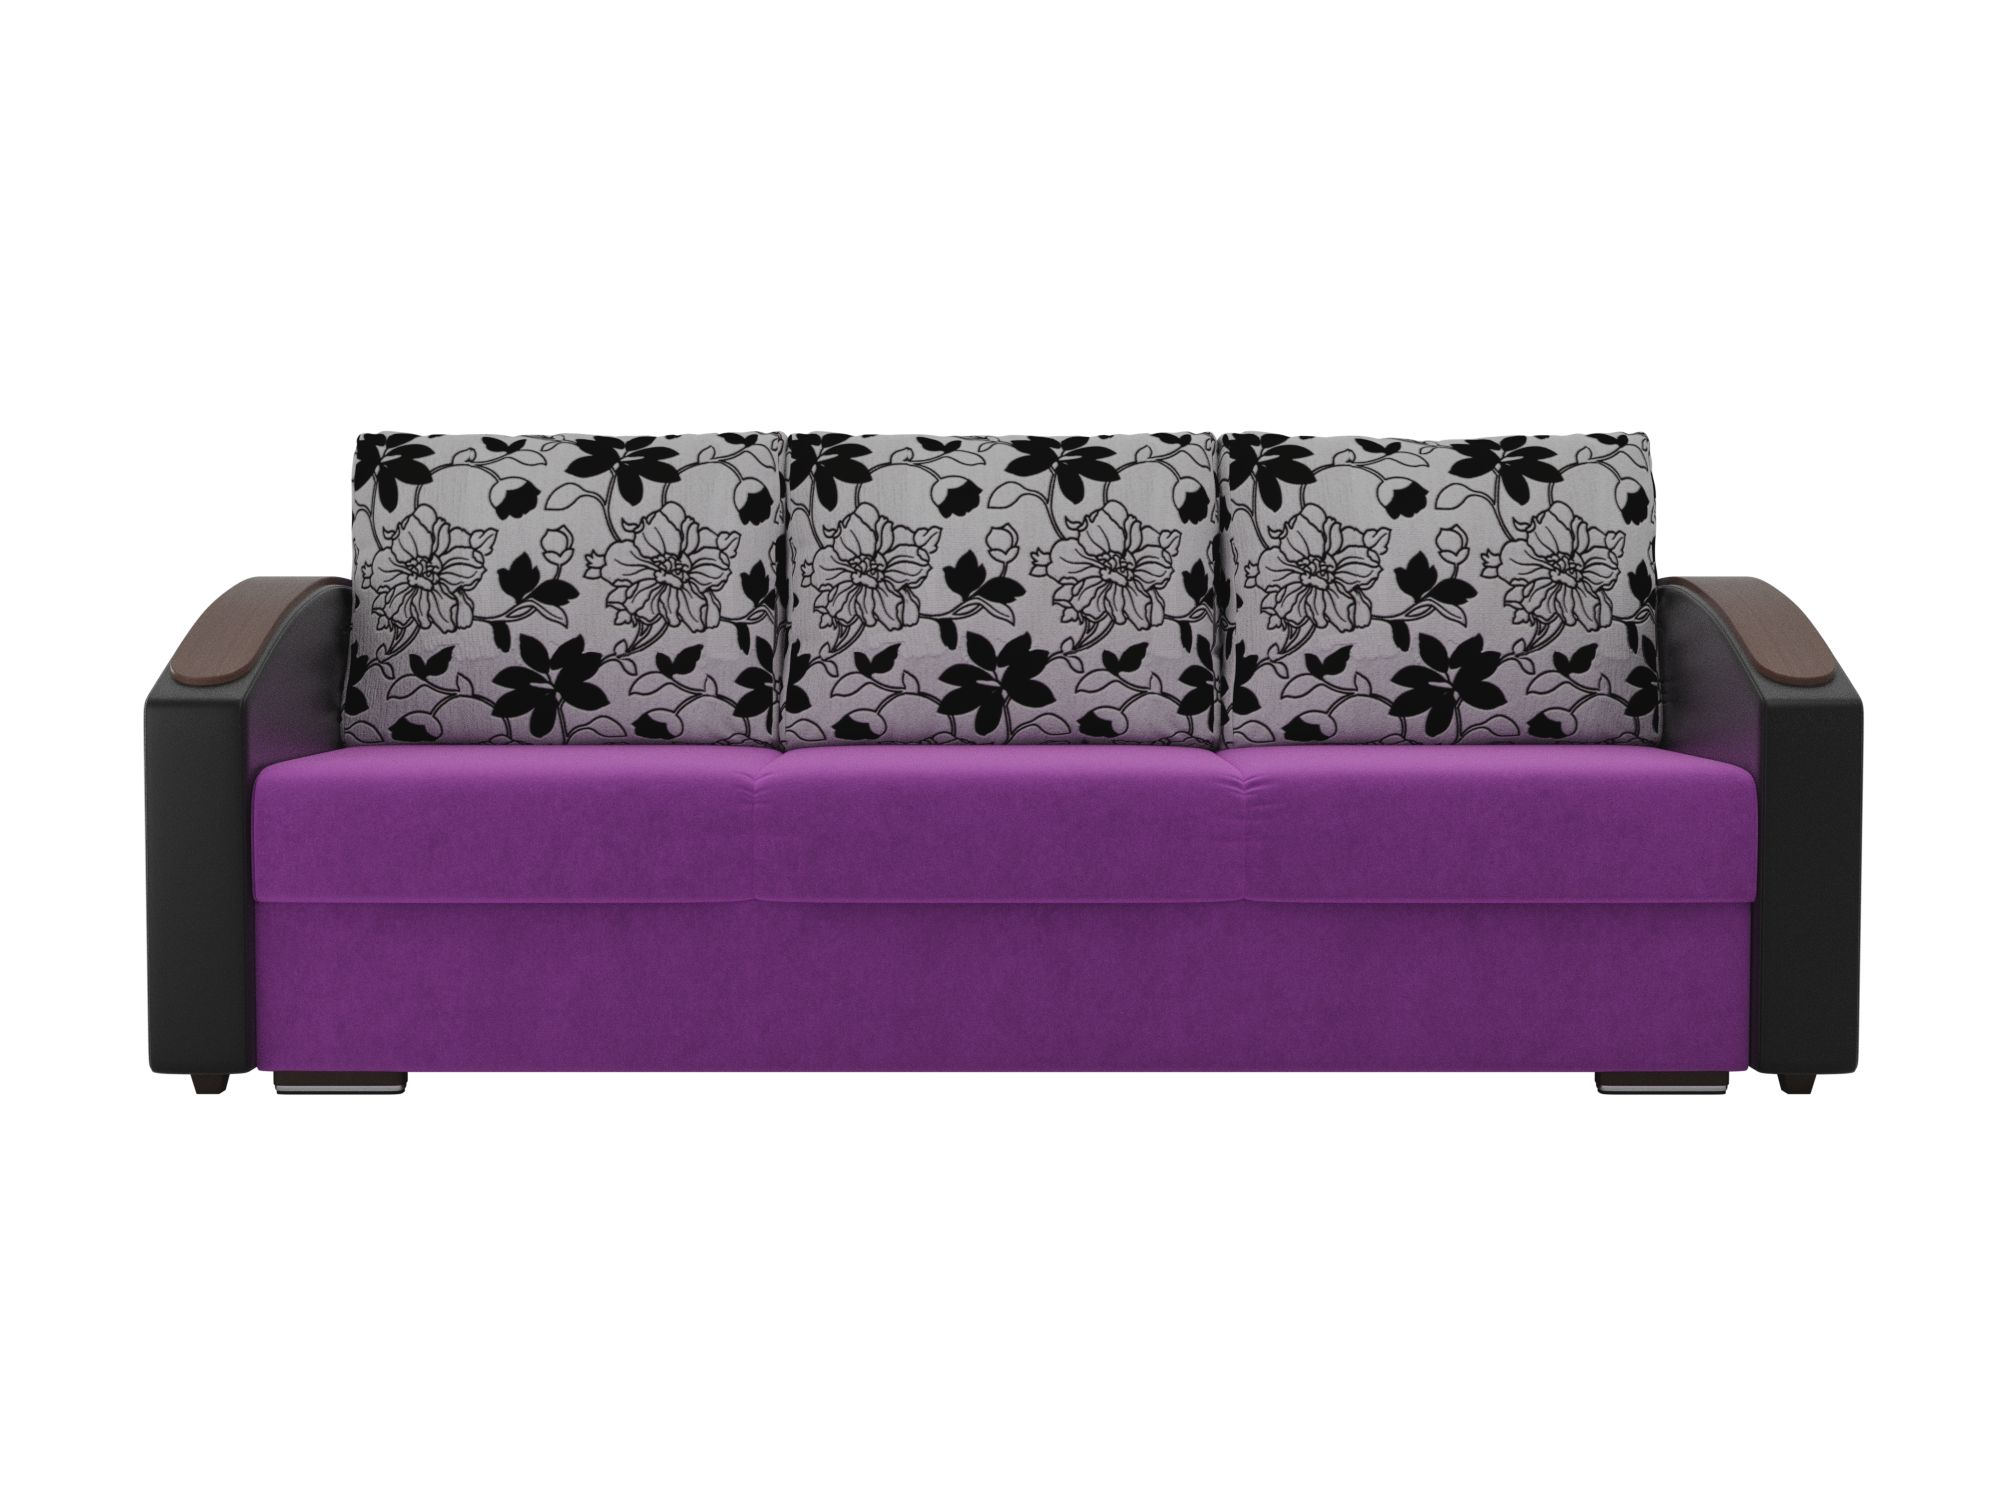 диван монако slide mebelvia черный белый искусственная кожа Диван Монако slide MebelVia Фиолетовый, Черный, Искусственная кожа